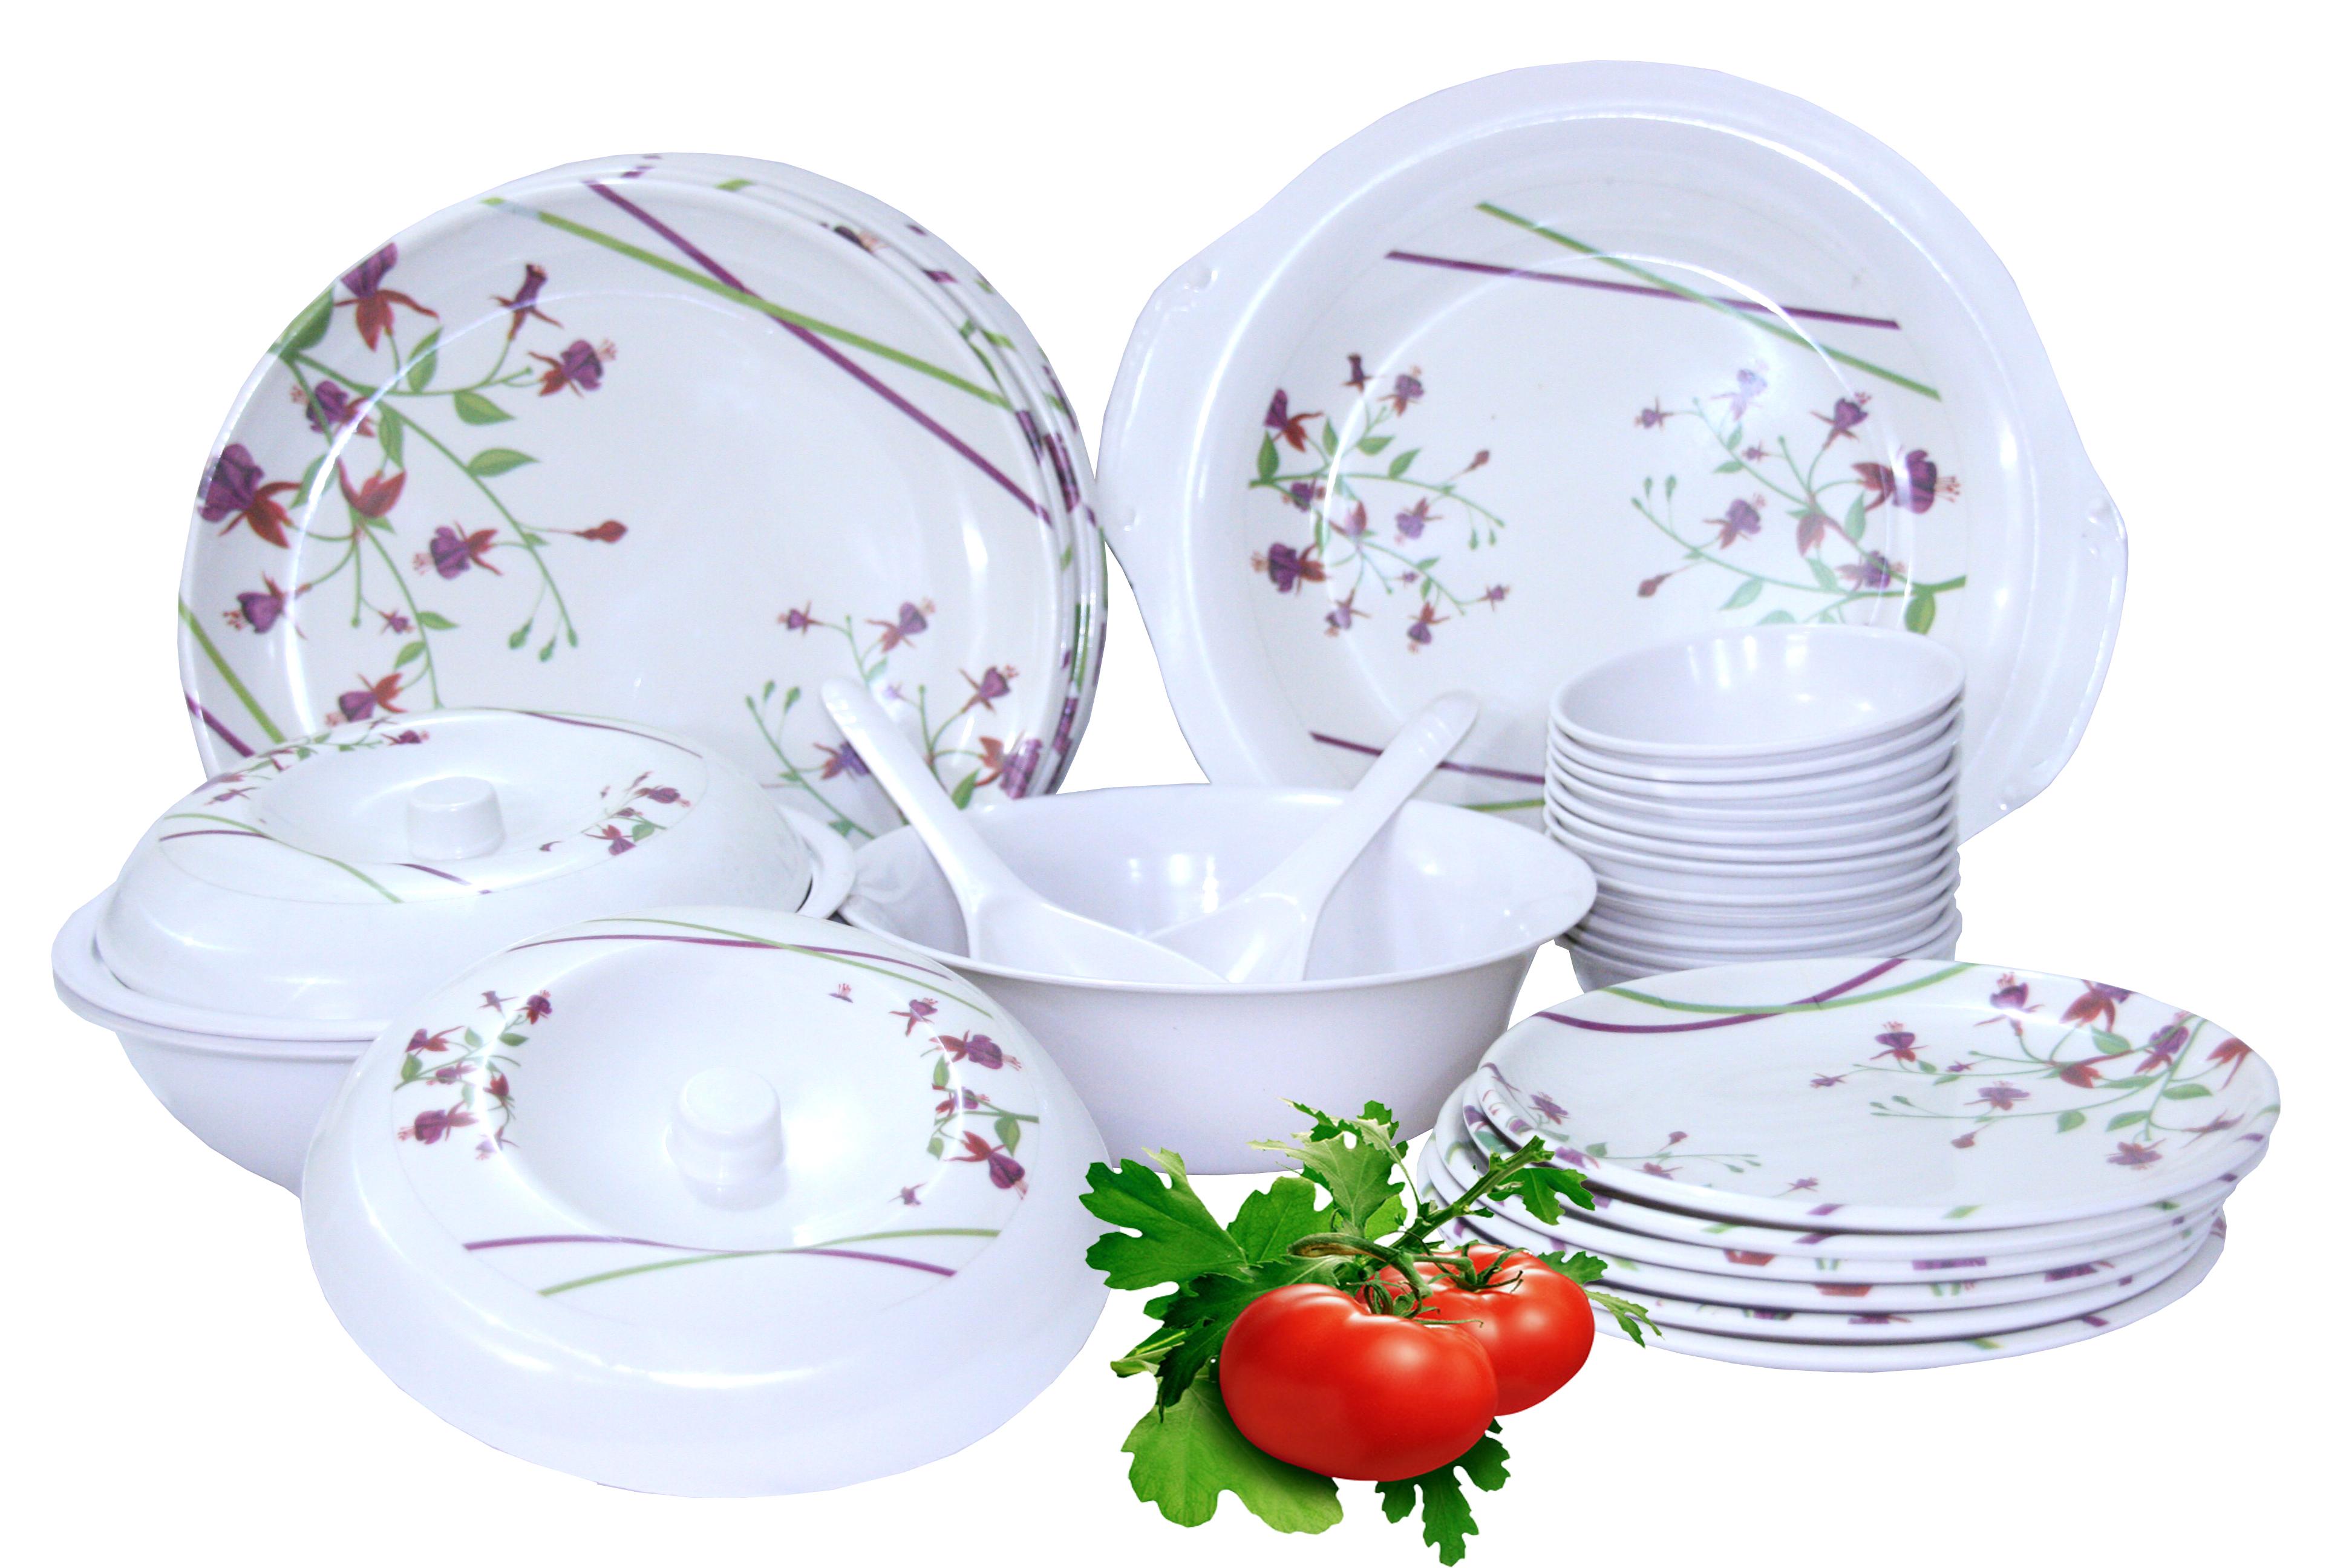 melamine tableware 32 pcs of dinner set